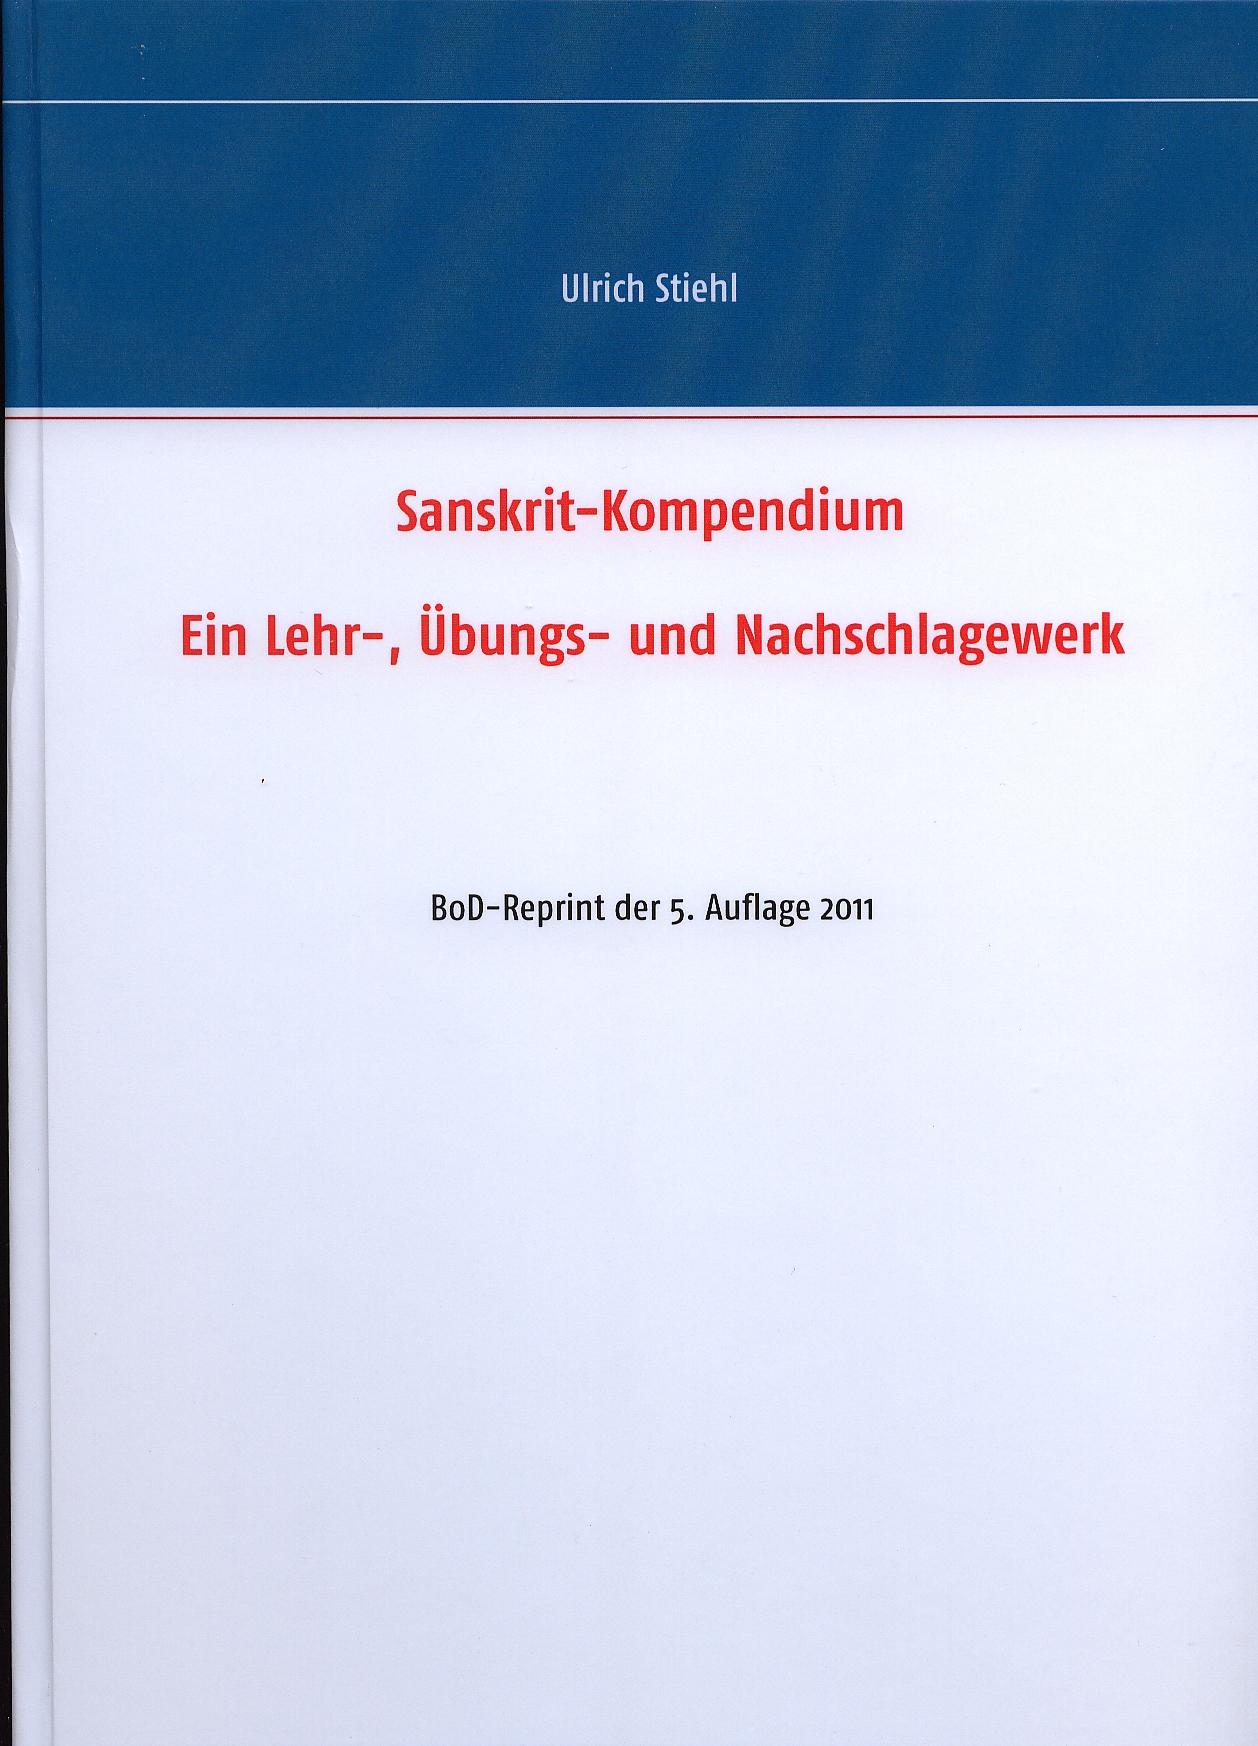 Sanskrit-Kompendium: Einführung, Lehrbuch, Handbuch, Wörterbuch